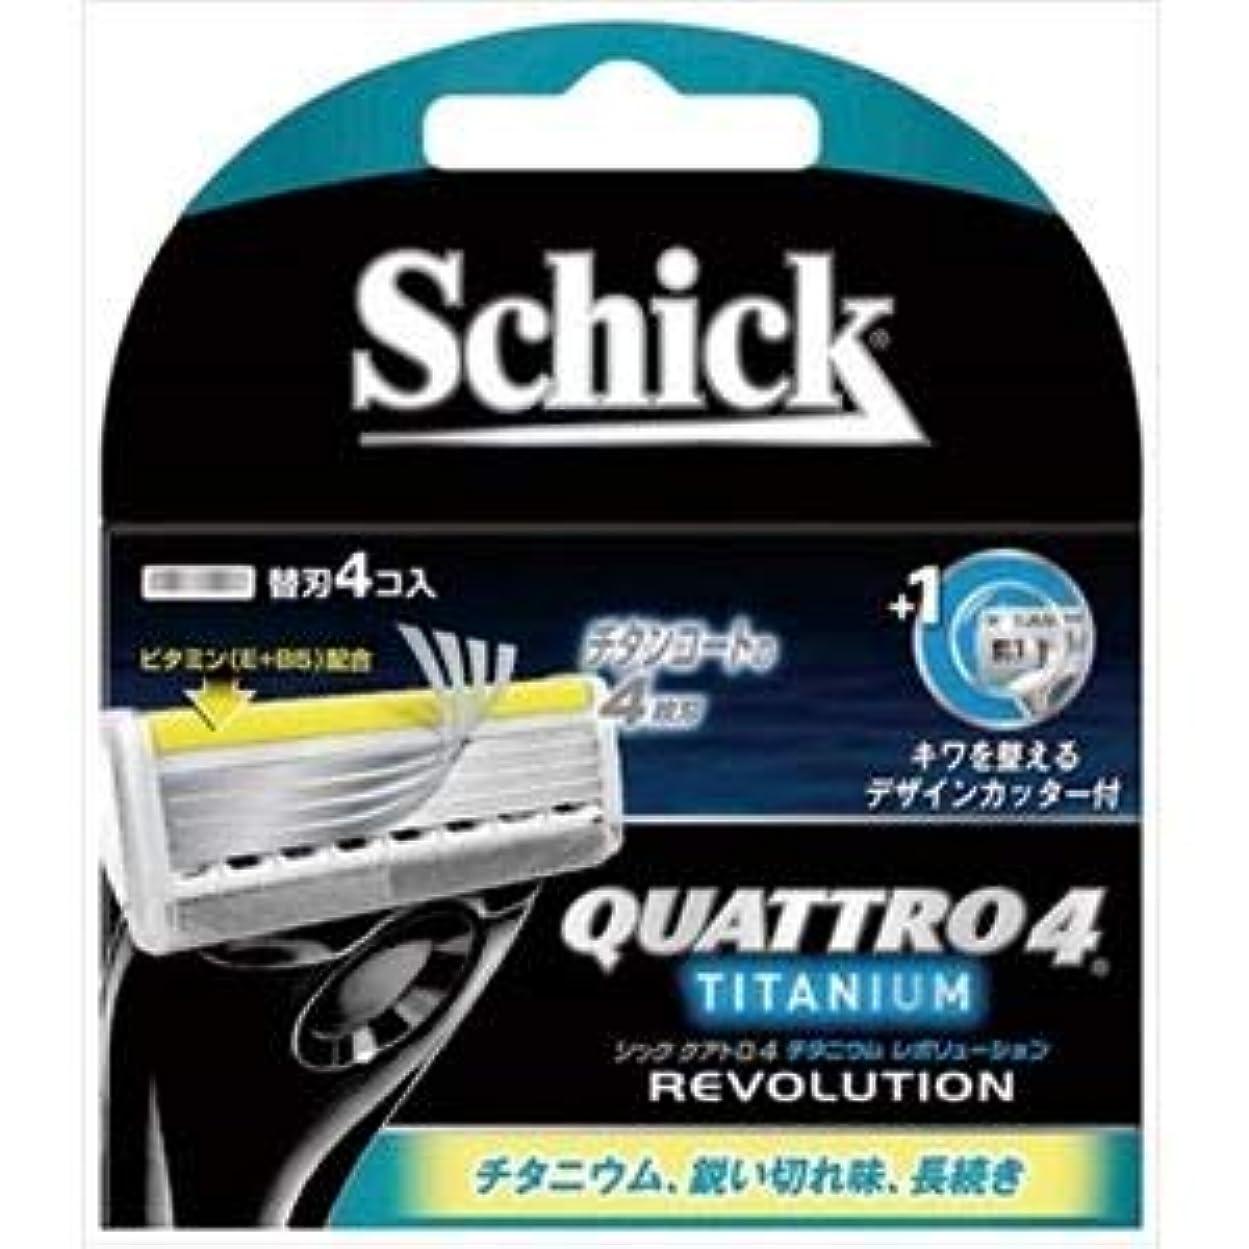 純粋に地震自発的(まとめ)シック(Schick) クアトロ4チタニウムレボリューション替刃(4コ入) 【×3点セット】